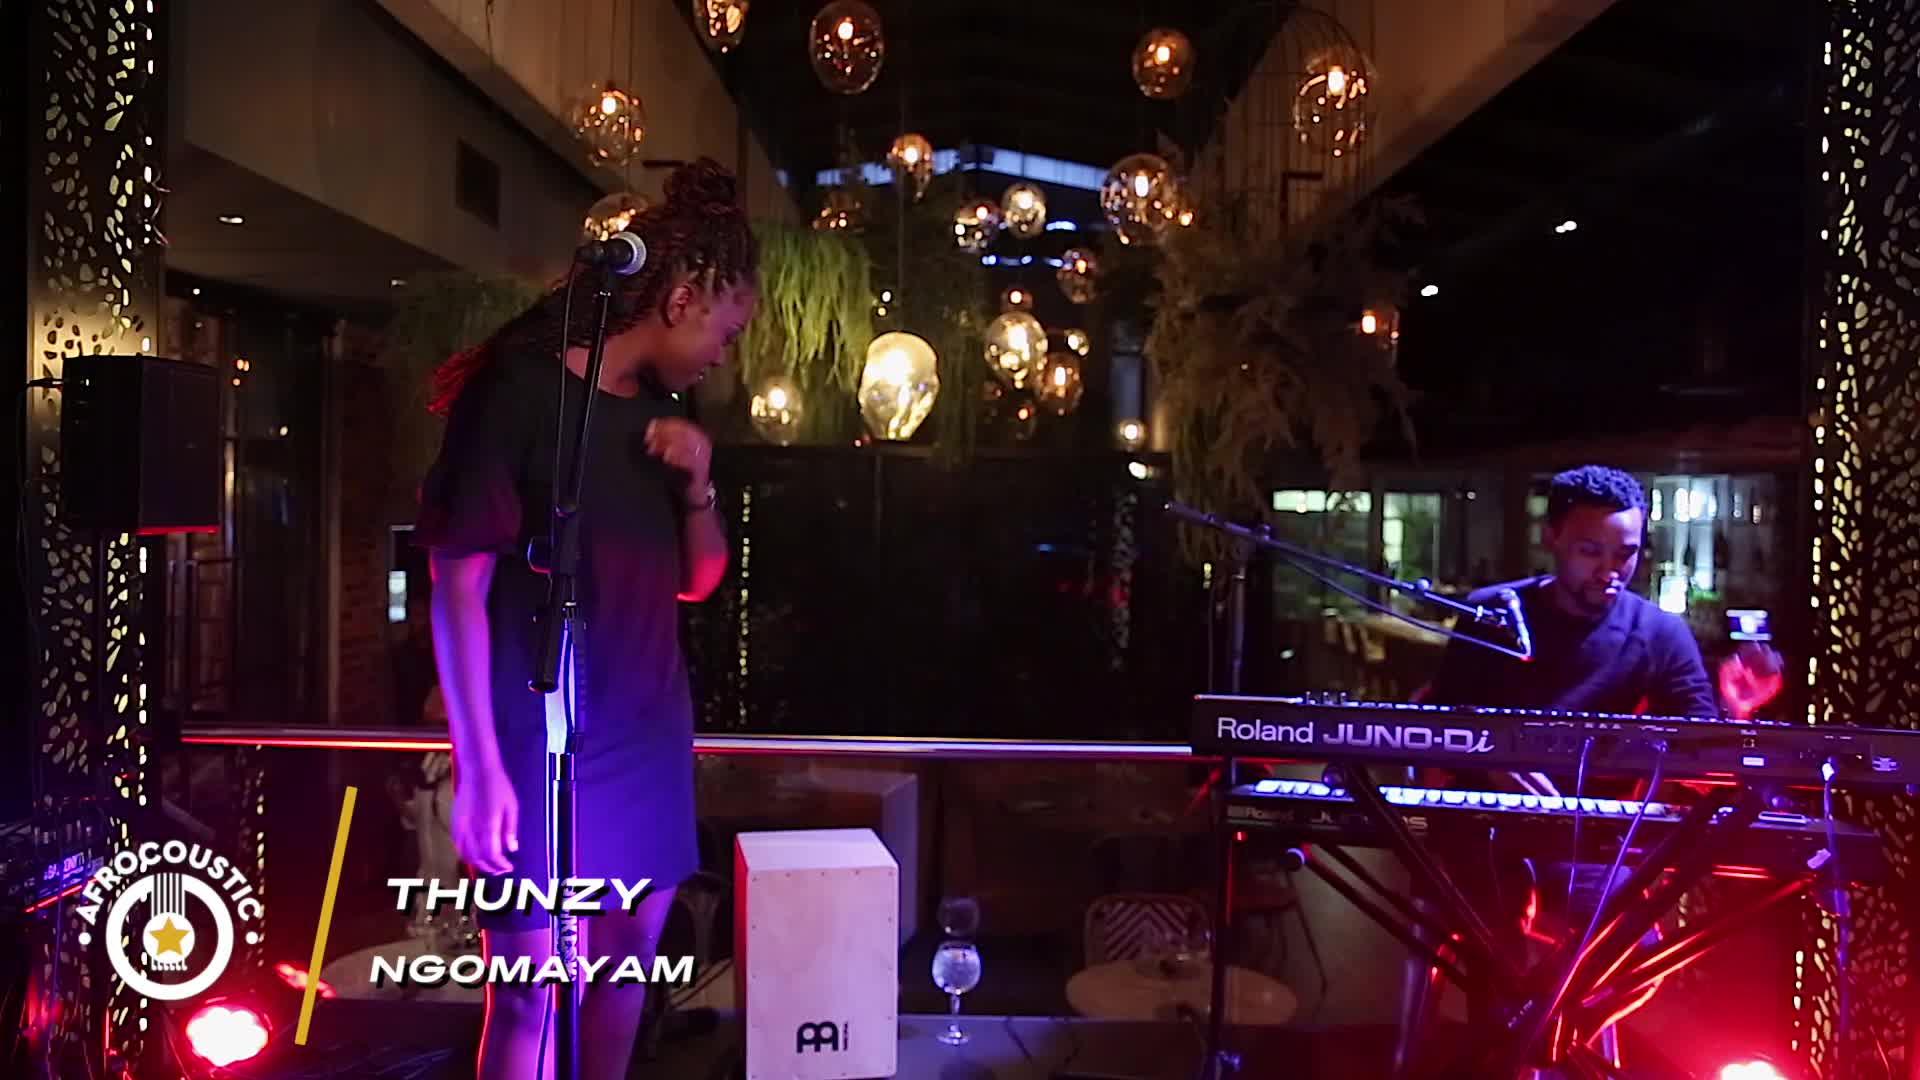 Afrocoustic -Thunzy - Ngomayam